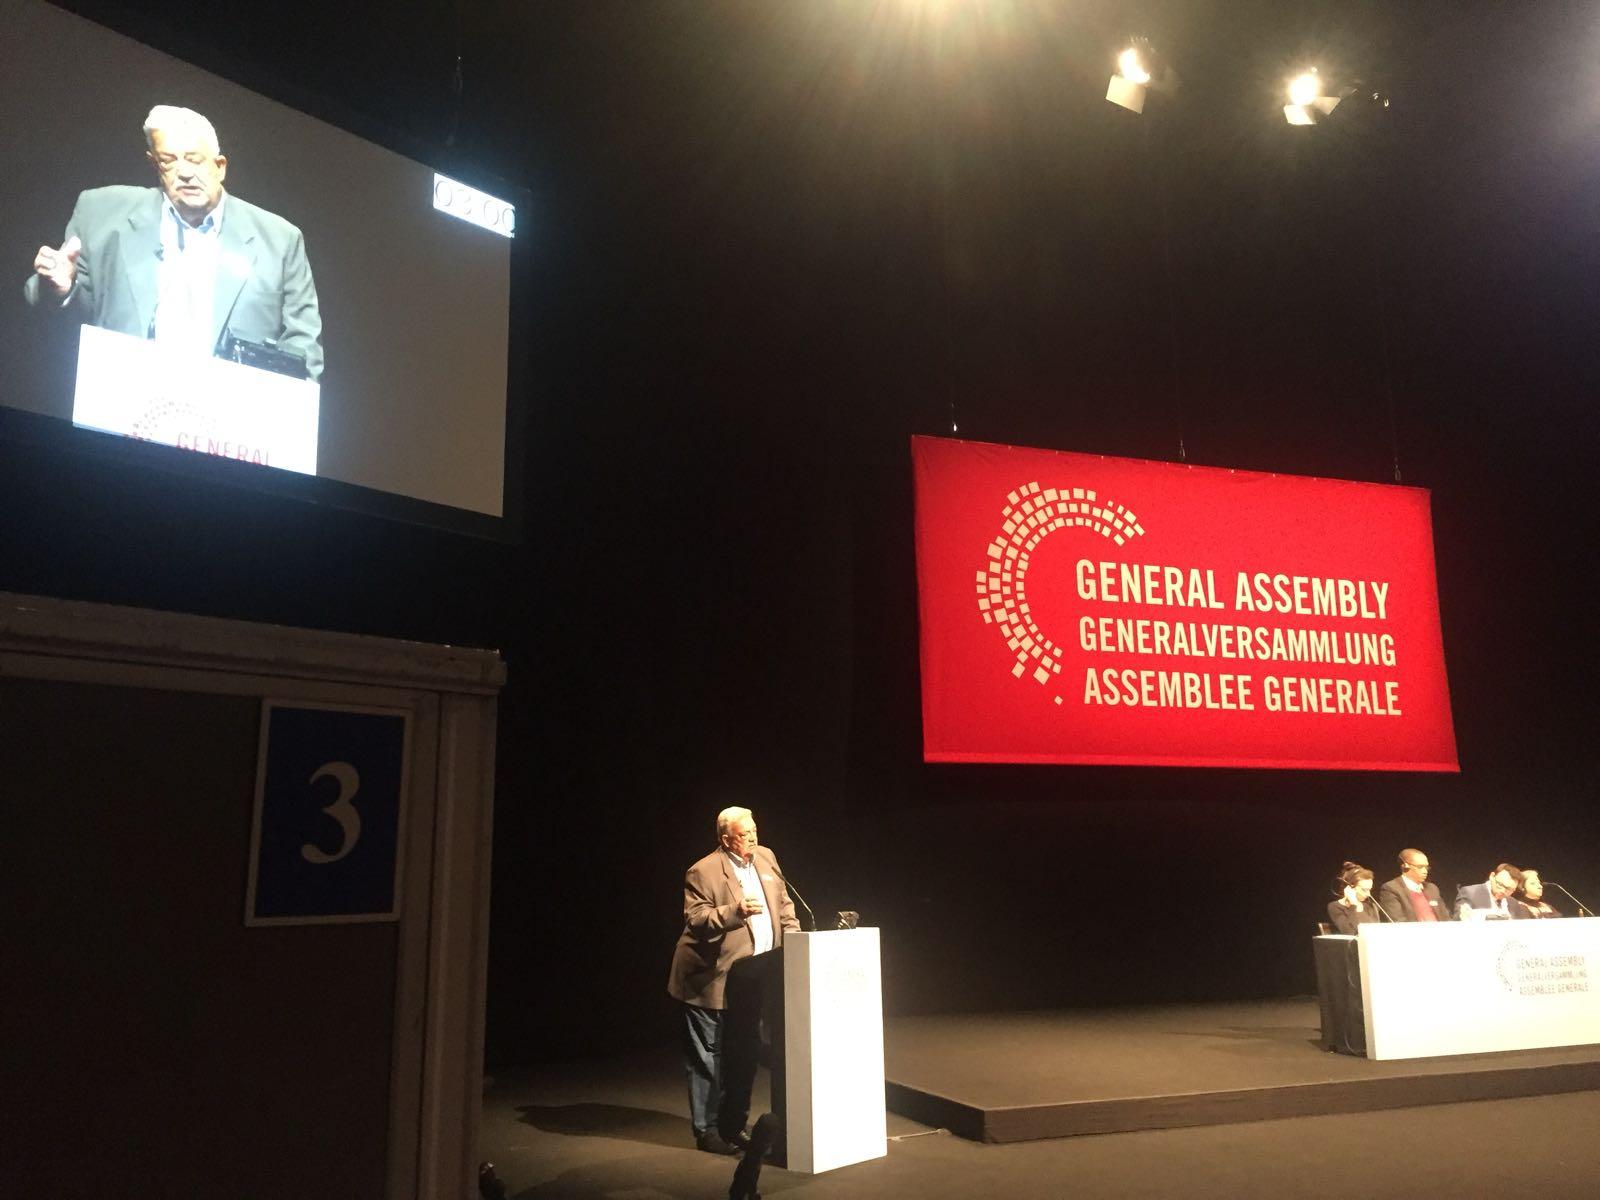 Dirigente da CSB participa, em Berlim, de Assembleia Mundial sobre Violações de Direitos Humanos